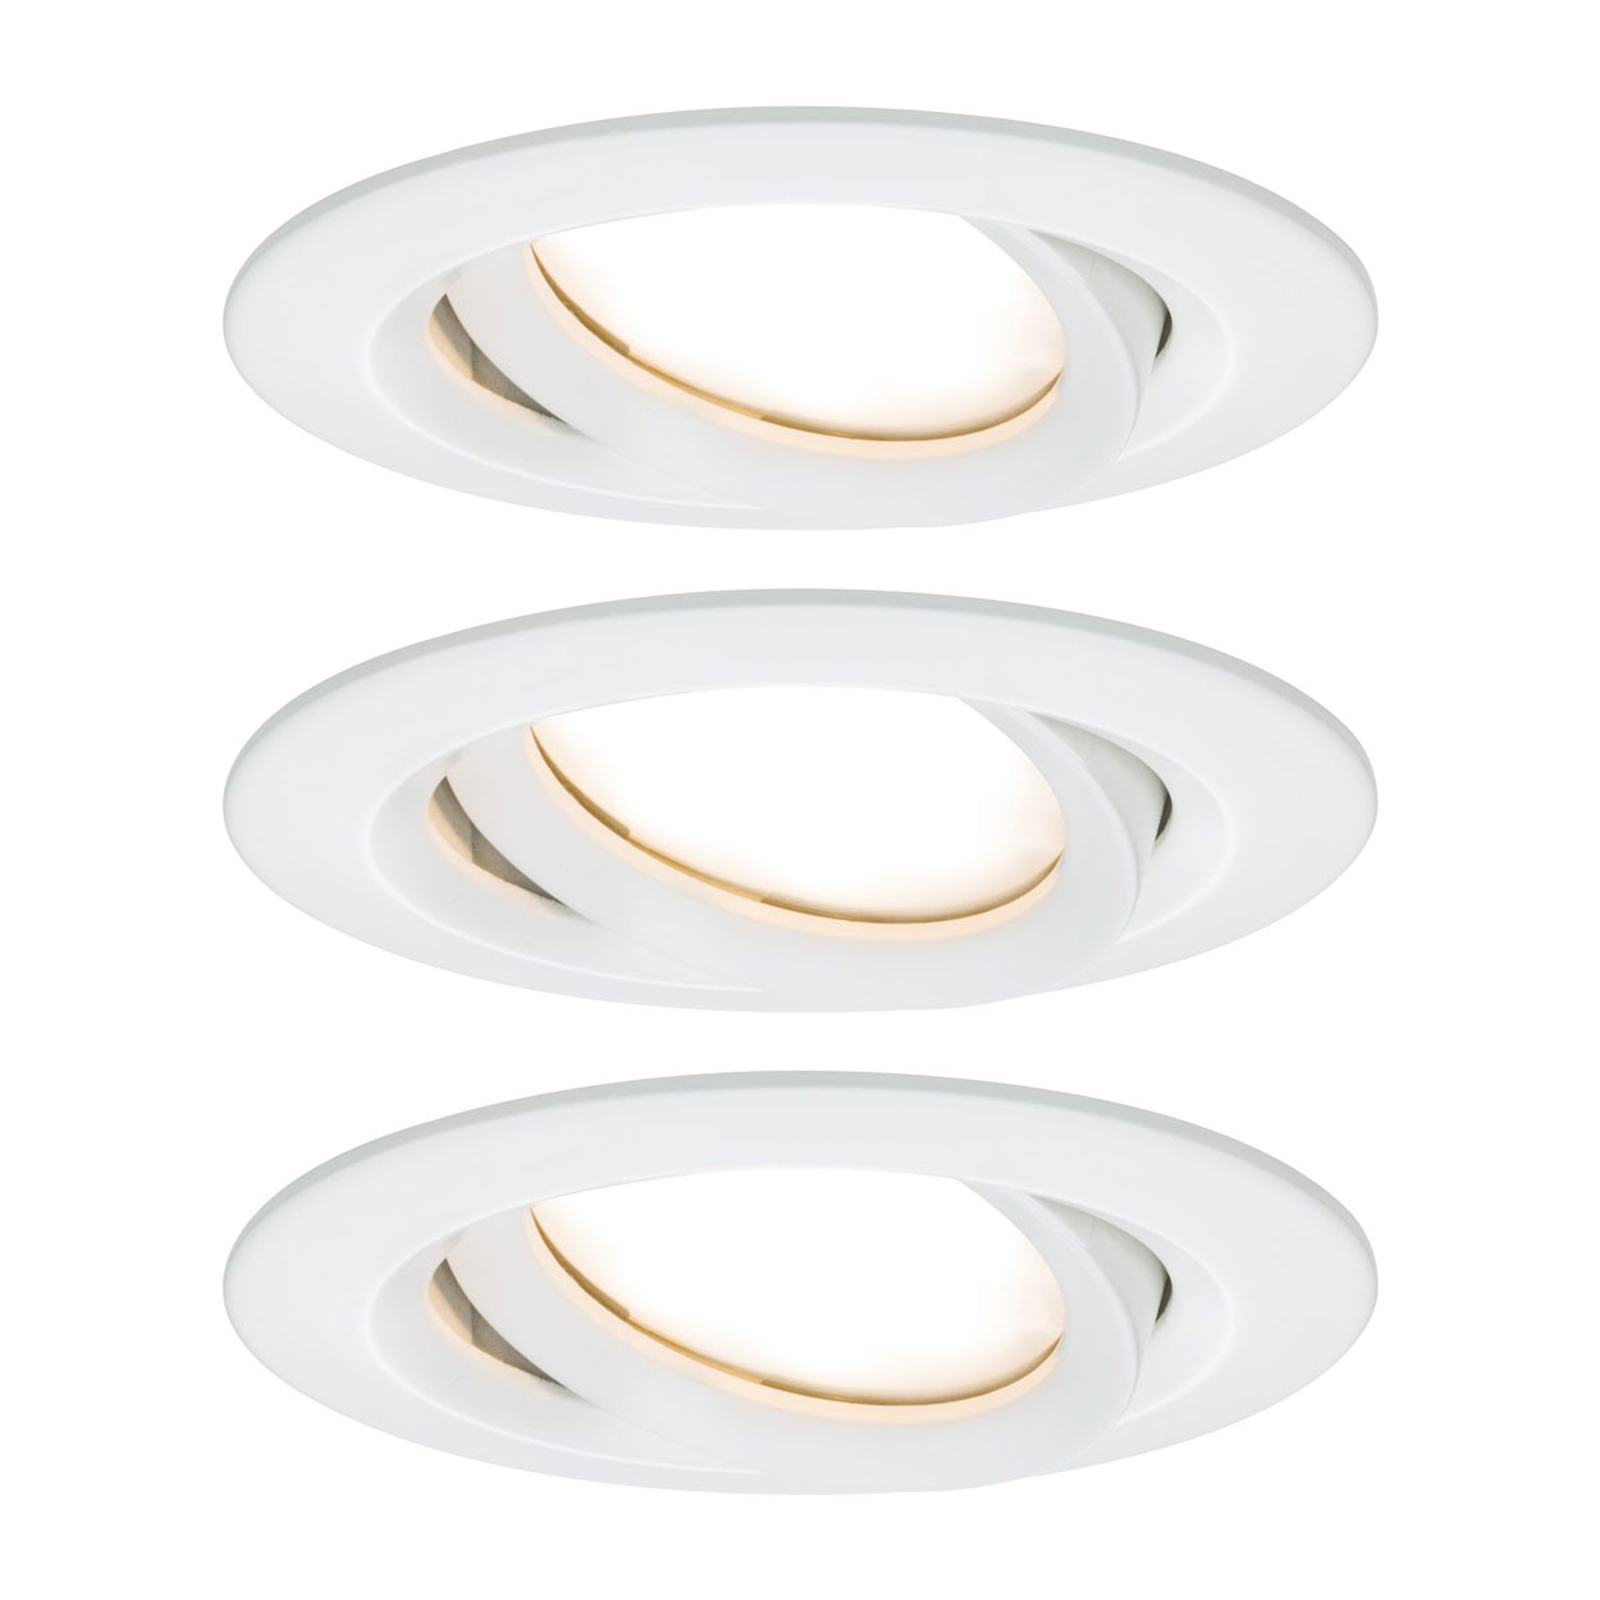 Paulmann Nova Plus 3er LED-Spot rund weiß